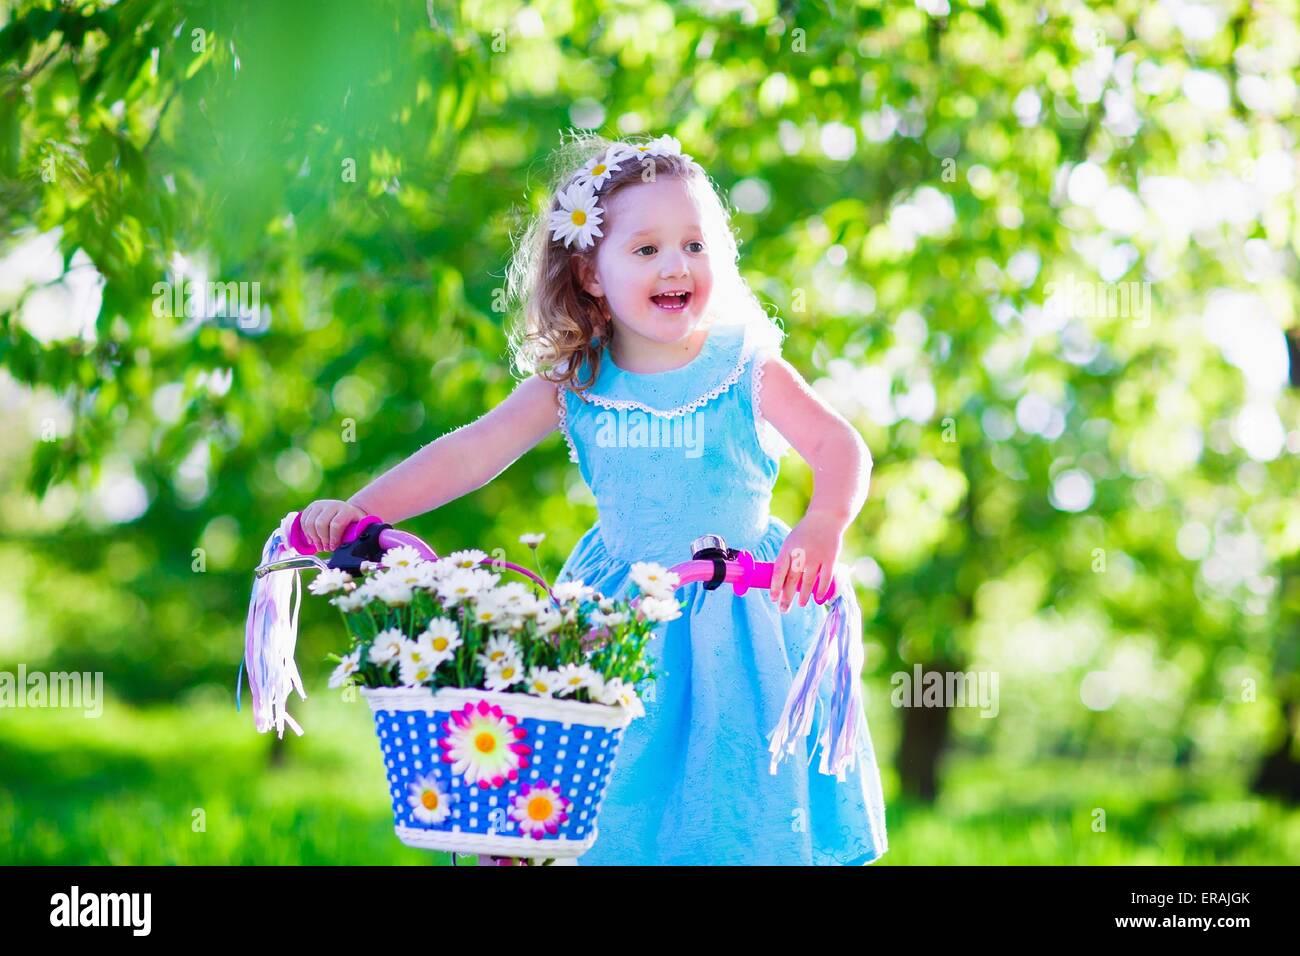 e4a7c0e6b753 Bambino felice in sella ad una bicicletta. Carino kid bike all esterno.  Piccola ragazza in un abito blu su una bicicletta rosa con fiori a  margherita nel ...